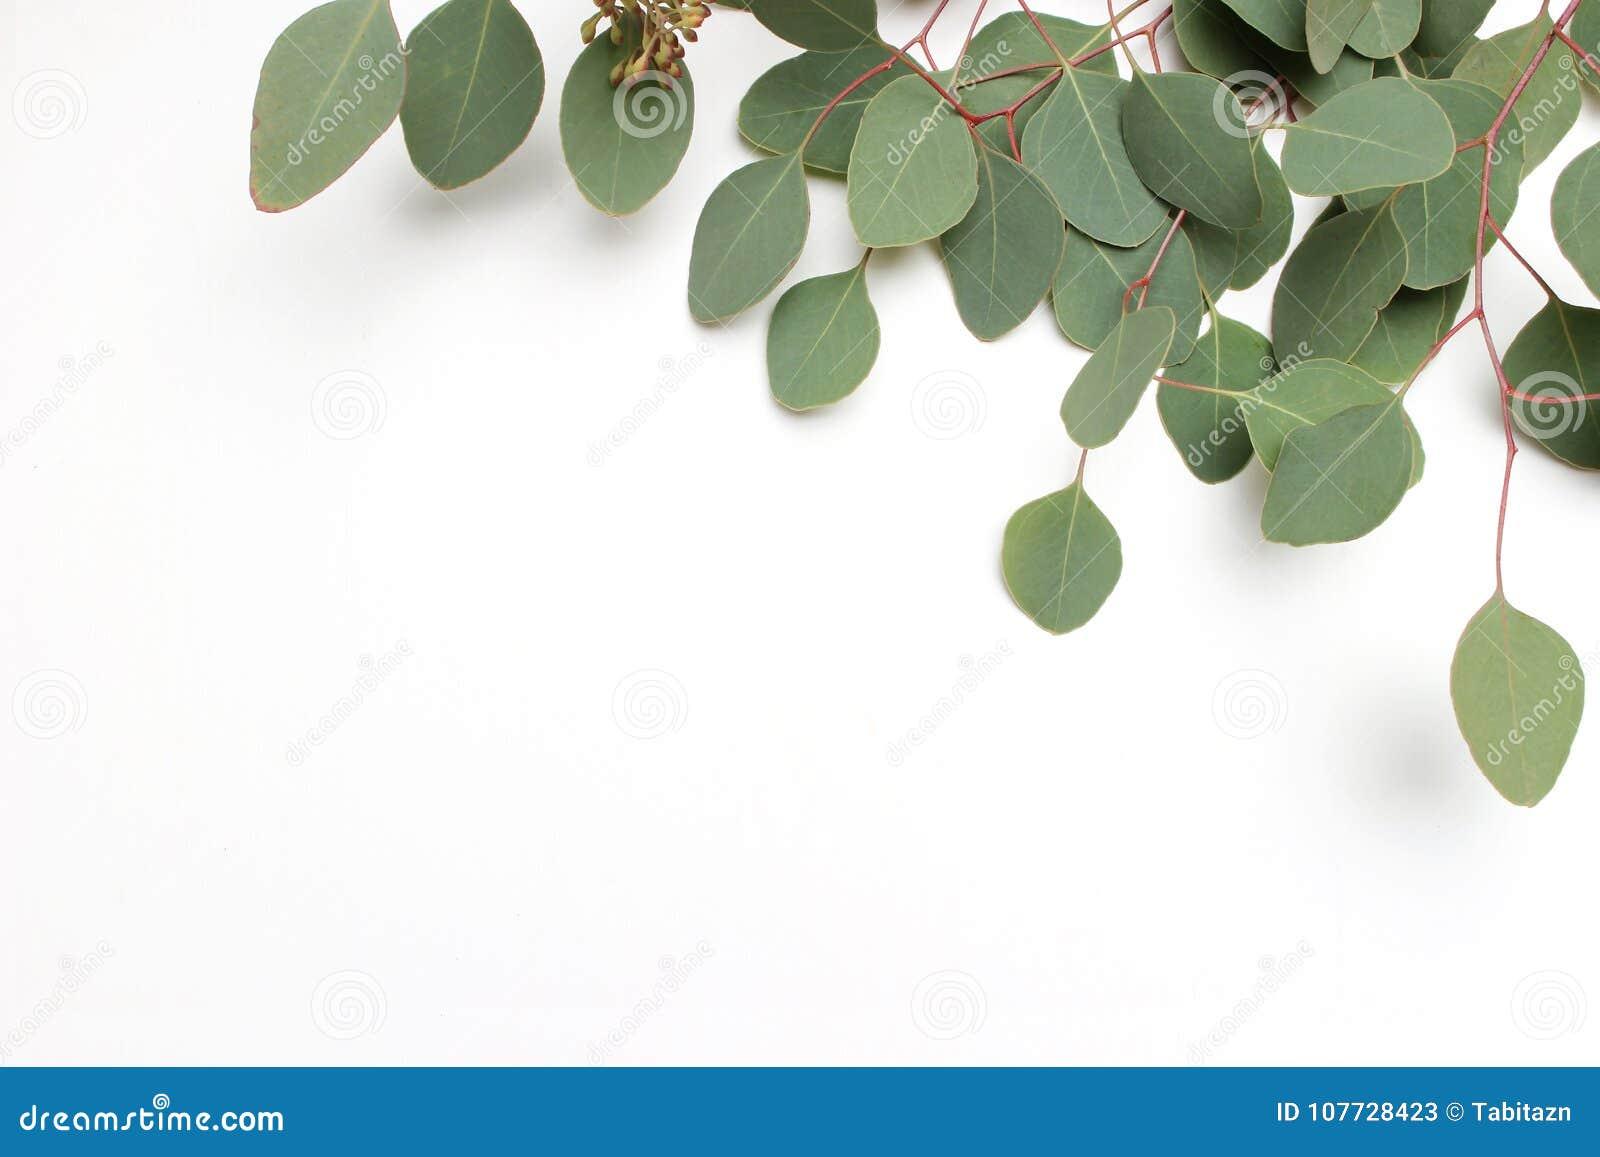 Kader, grens van de groene Zilveren cinerea bladeren en de takken van de dollareucalyptus op witte achtergrond wordt gemaakt die